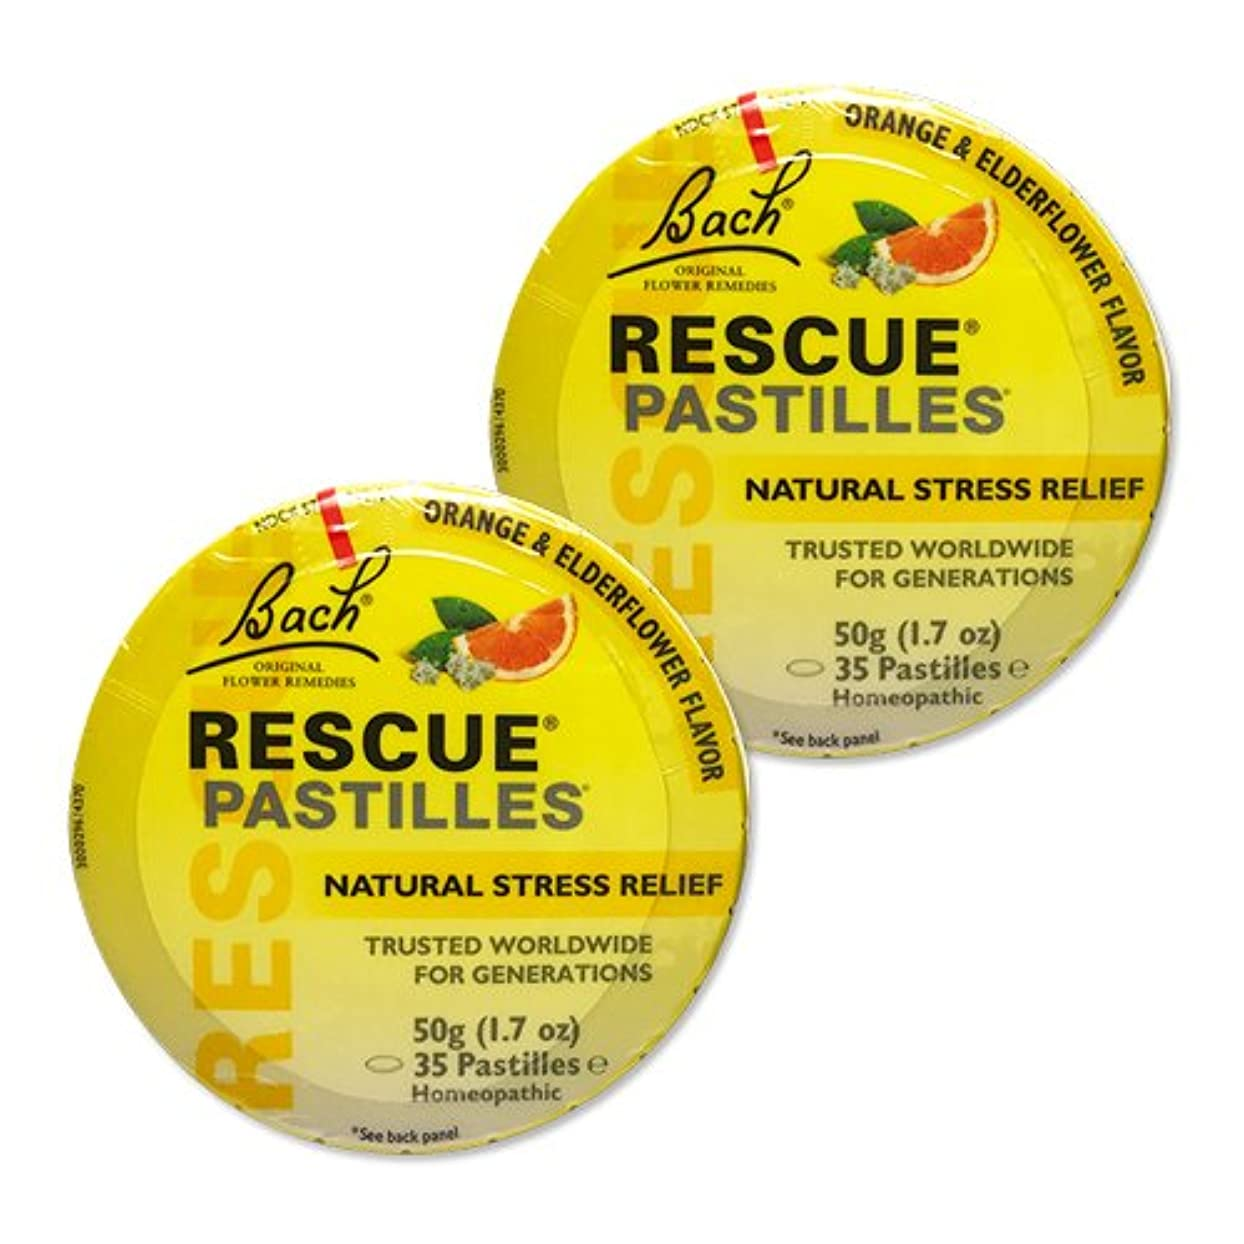 アレルギー性スイッチ生き残り【2個セット】 [海外直送品]バッチフラワー レスキューレメディー パステル(オレンジ) Rescue Pastilles: For Occasional...